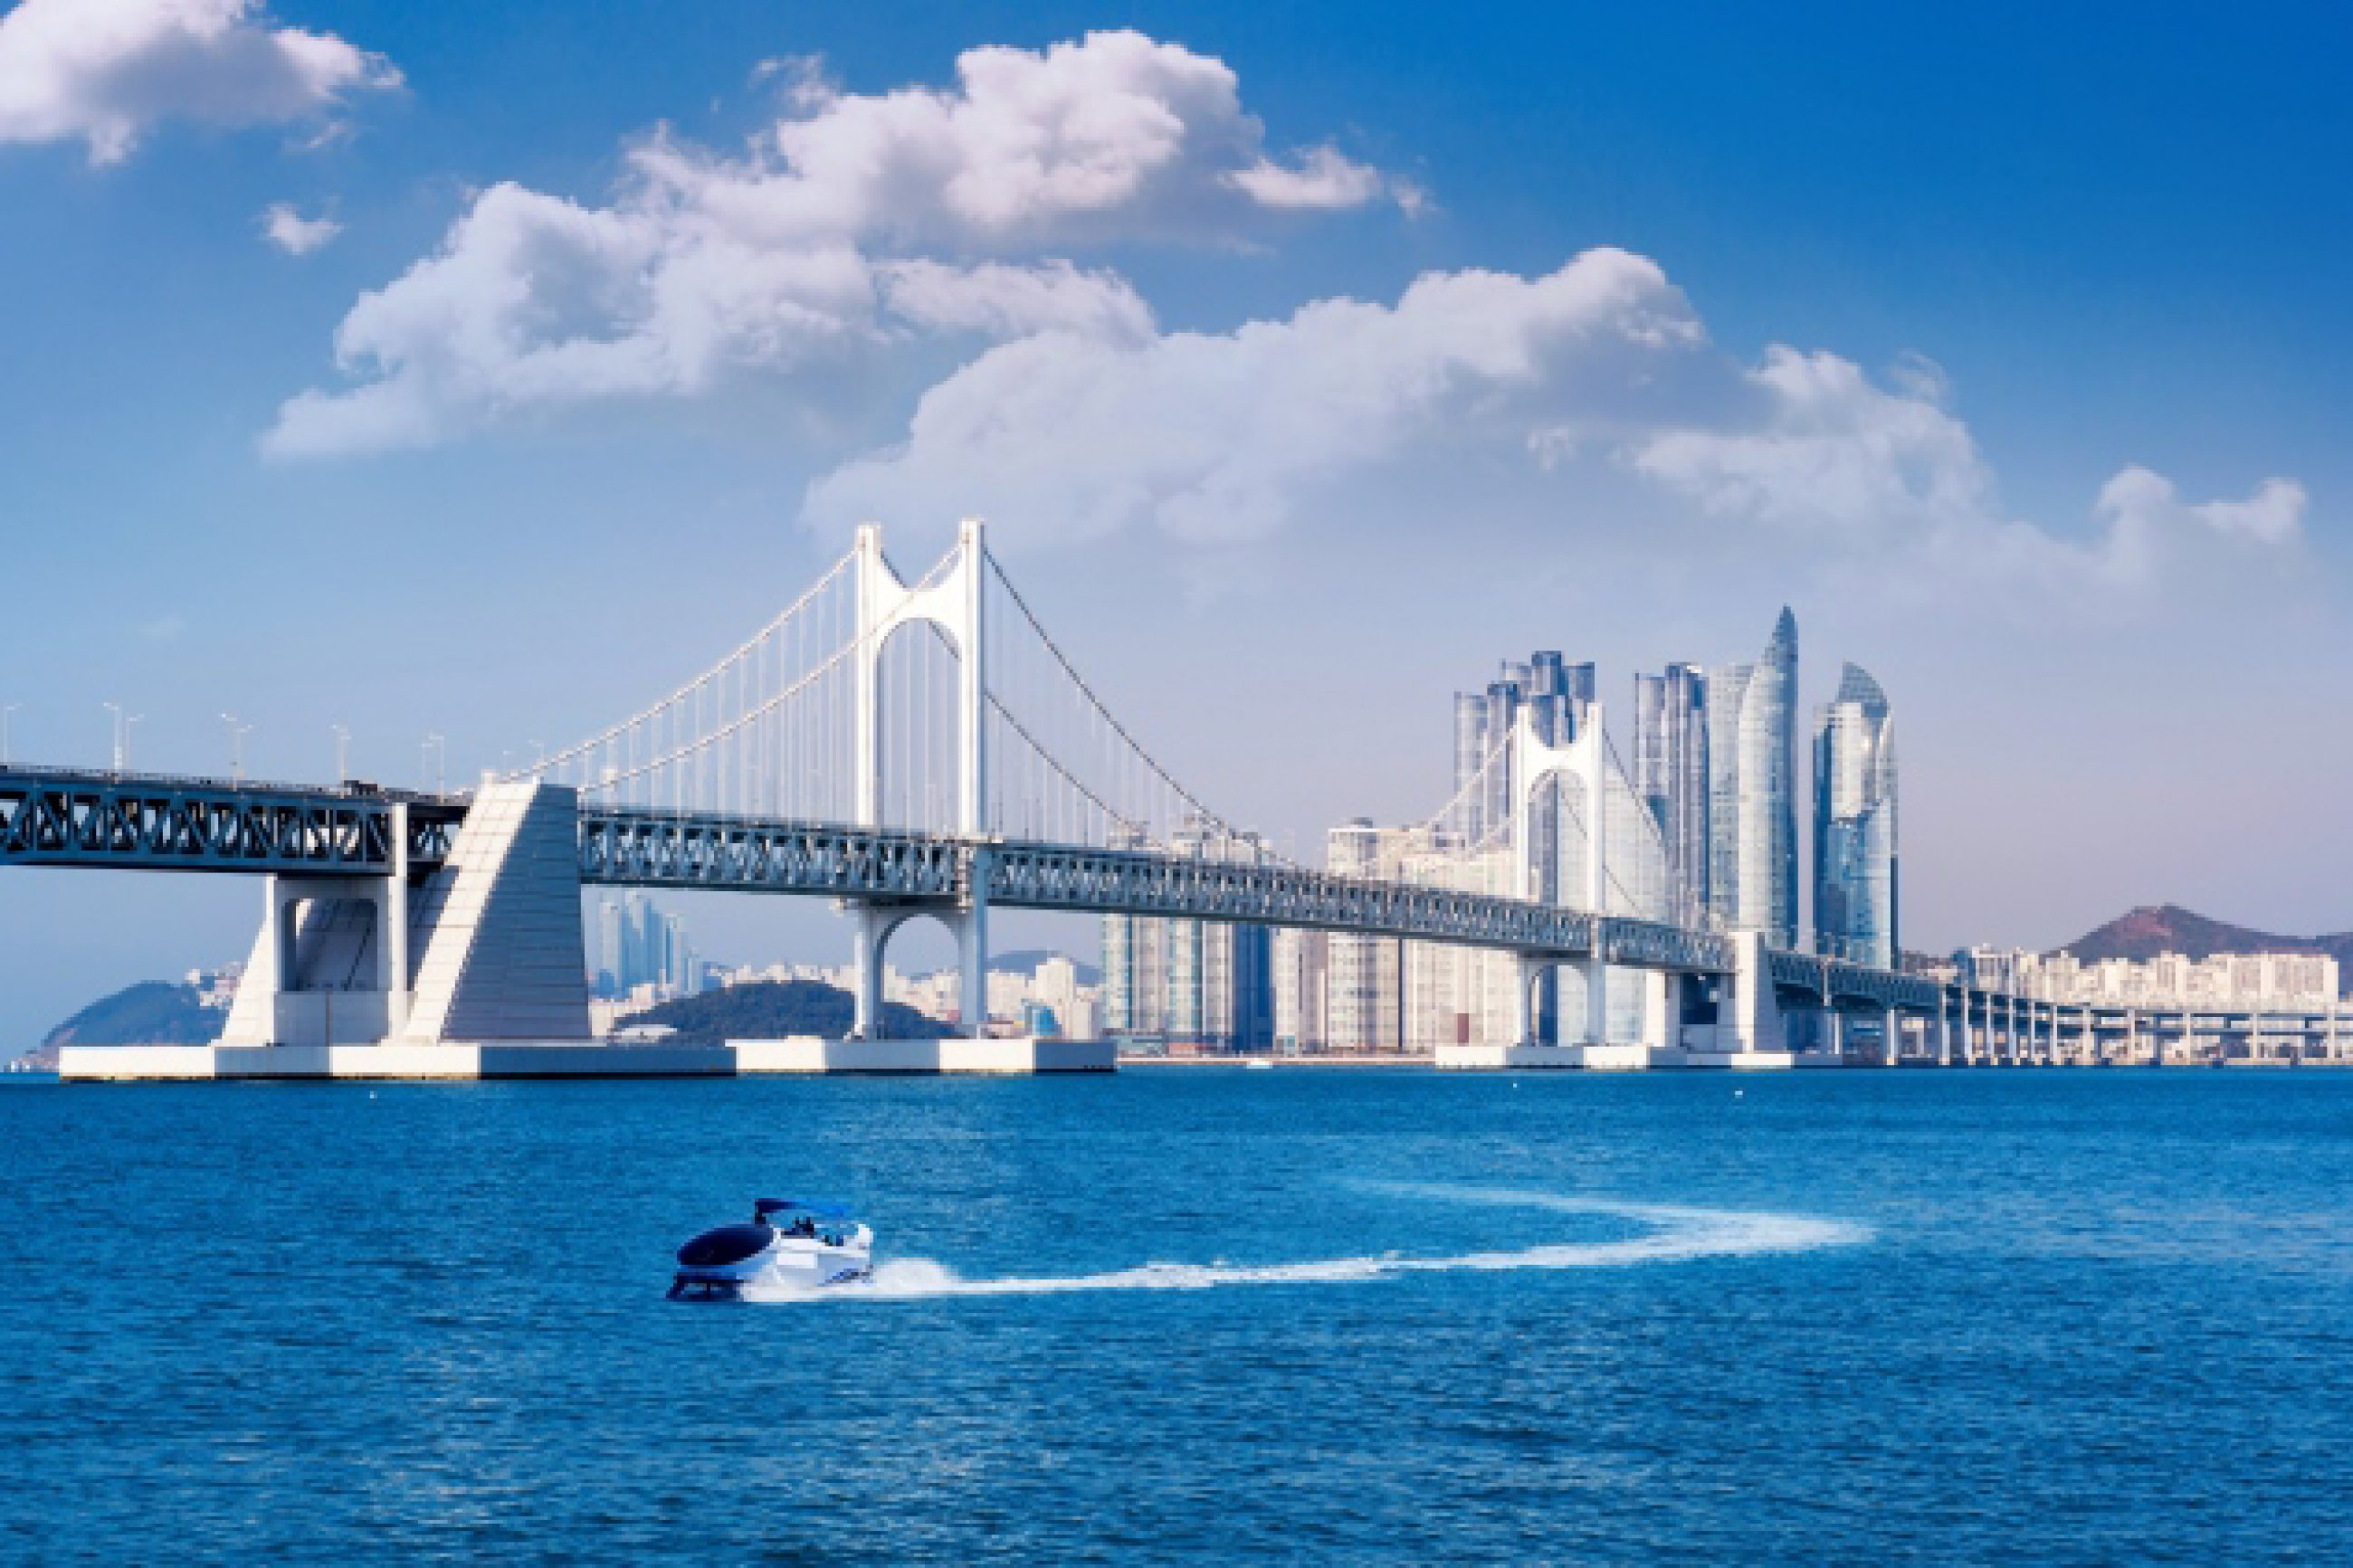 https://bubo.sk/uploads/galleries/7452/gwangan-bridge-and-haeundae-in-busan-korea.jpg